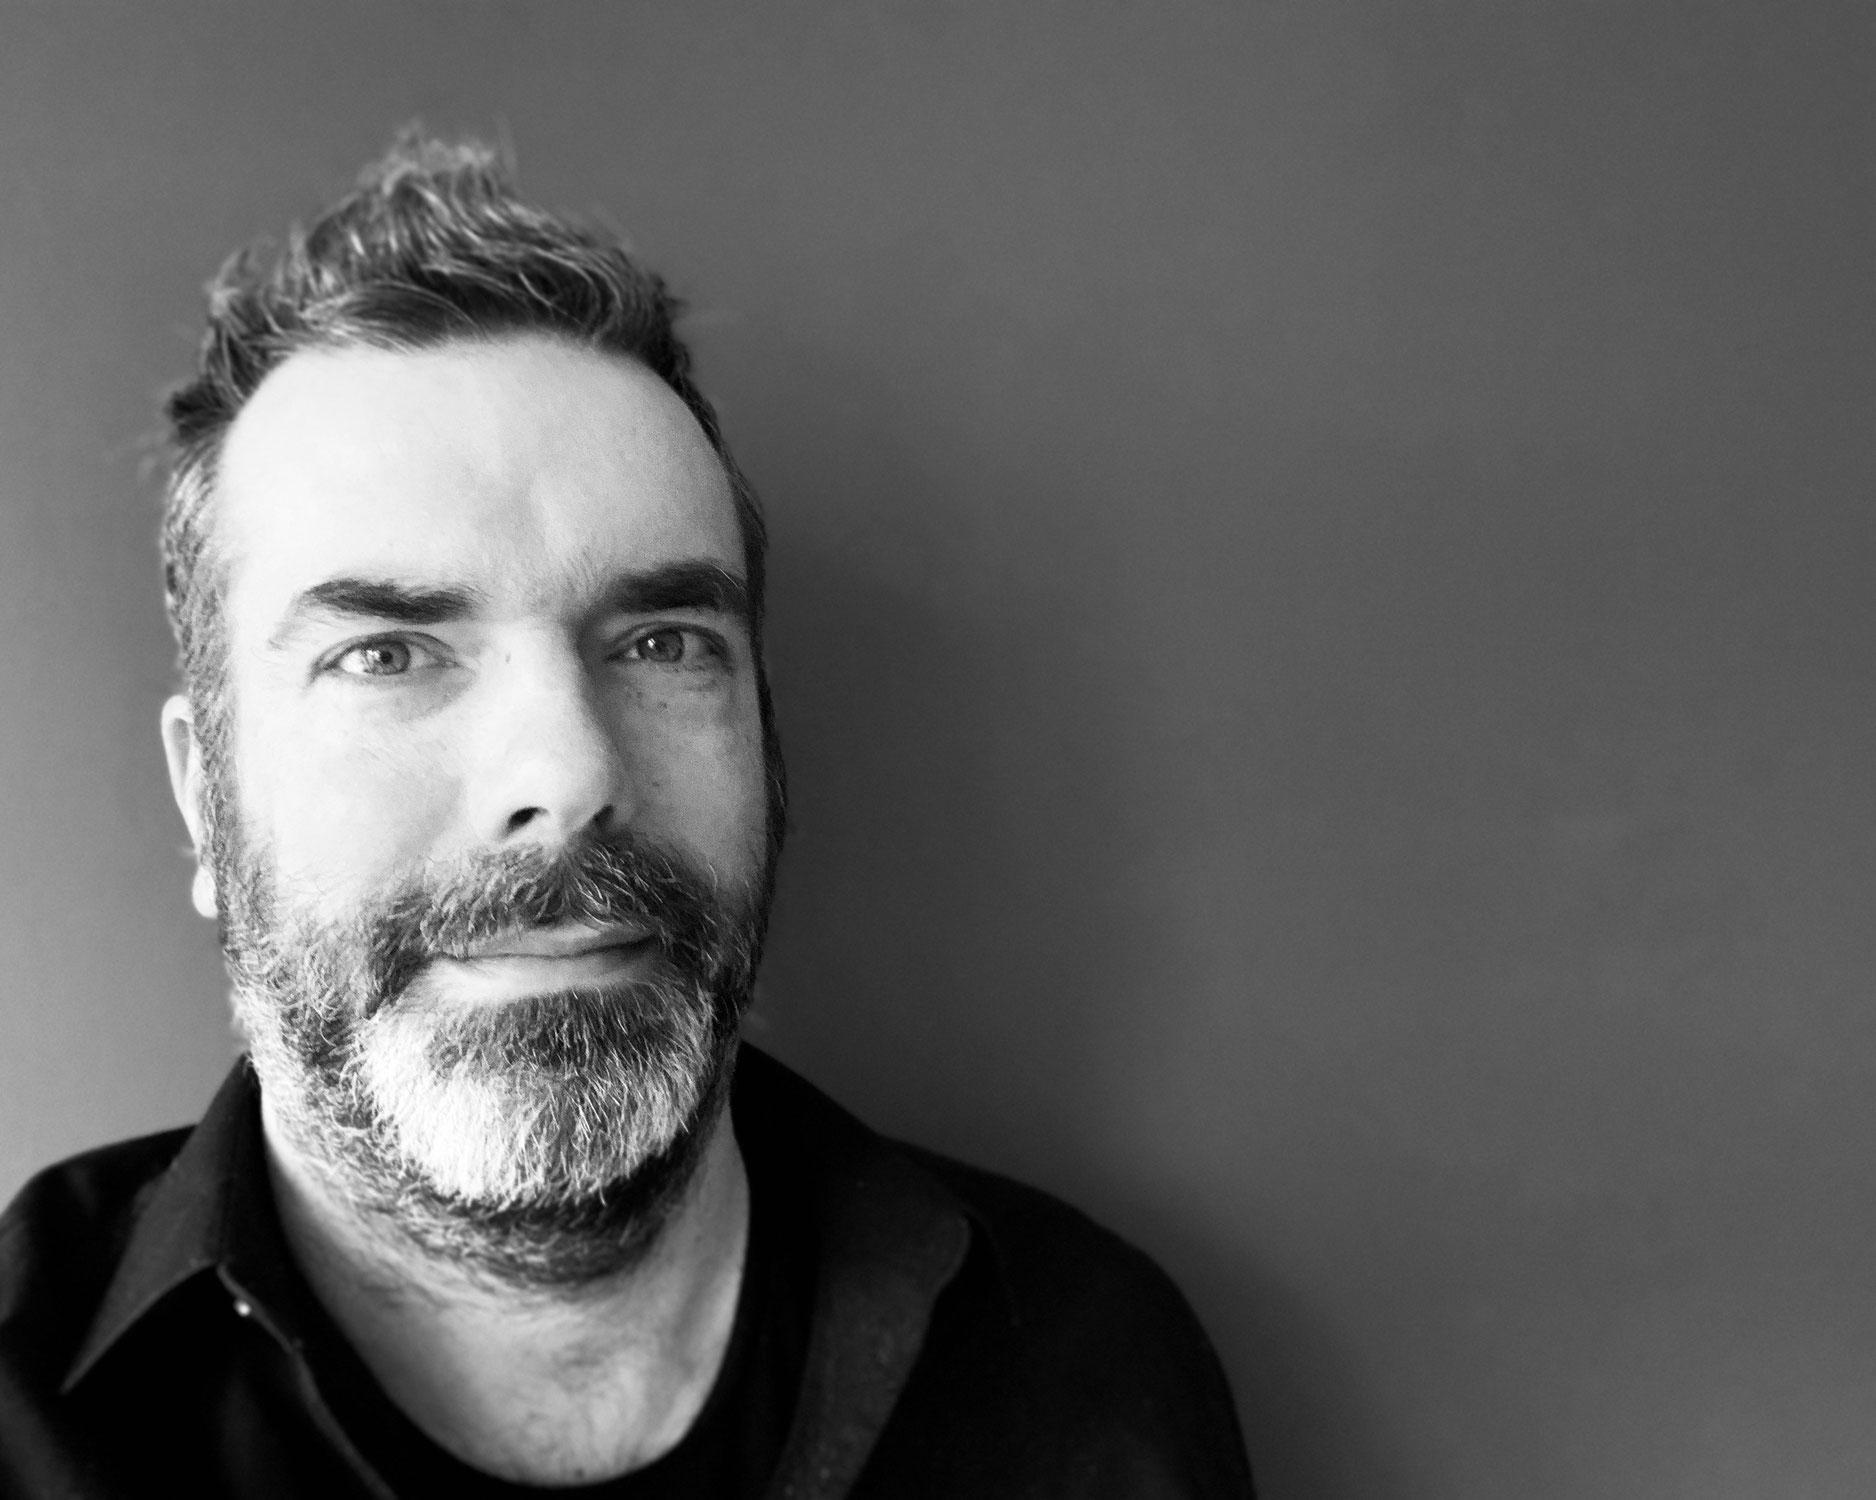 Der Erntehelfer Podcast - Folge 17 - Stefan Lohmann - kümmert sich darum, dass die Begeisterung nachhaltig ist